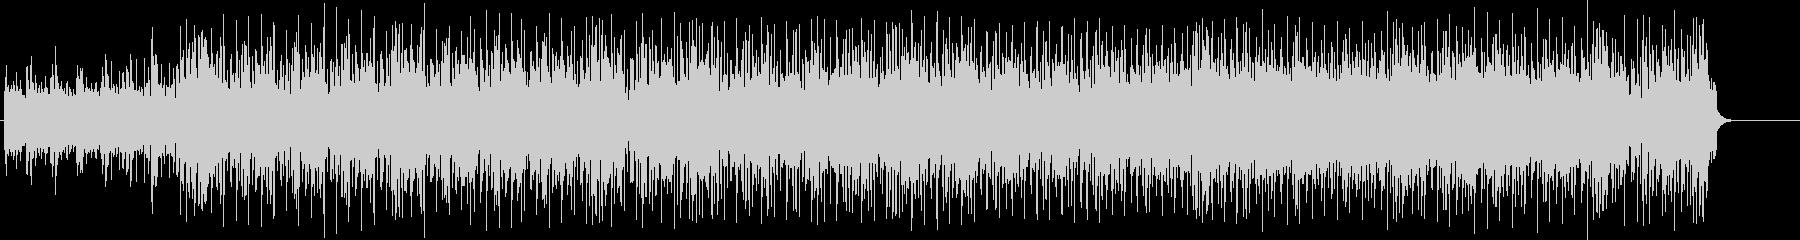 車のイメージVTR、スペック紹介BGMの未再生の波形